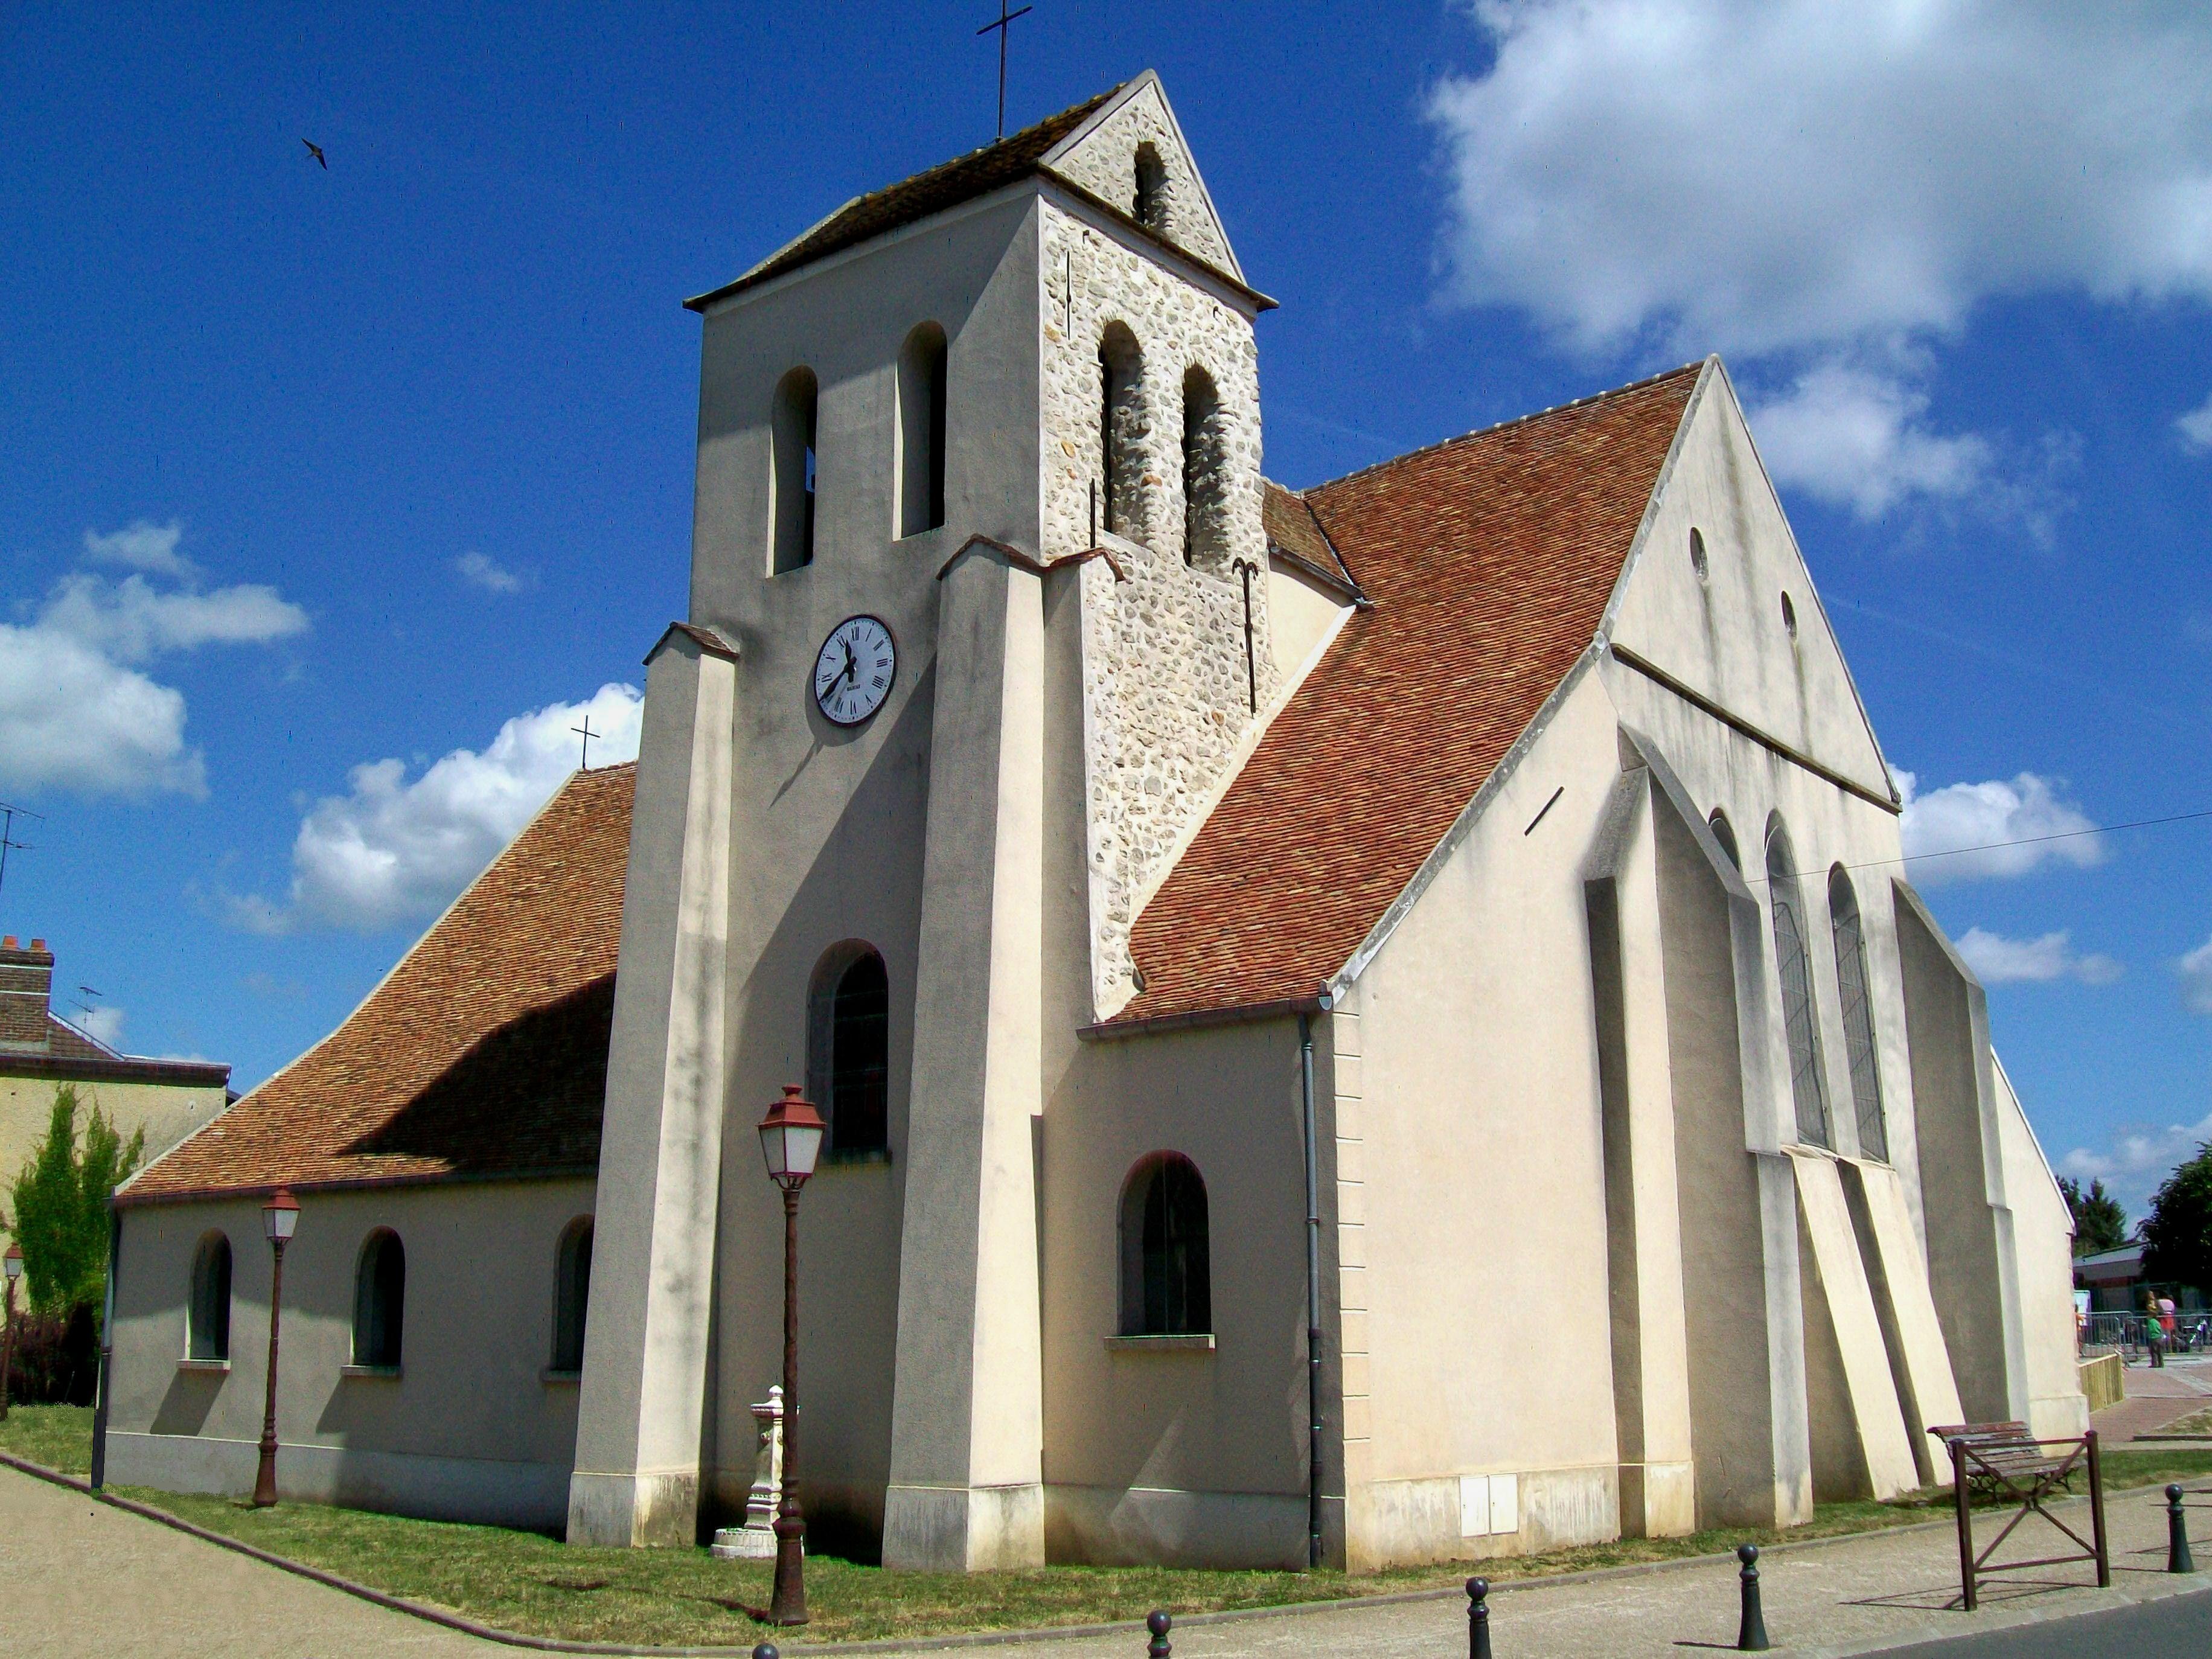 Chaumontel France  city photos gallery : Chaumontel 95 , église N.D. de la Nativité Wikimedia ...